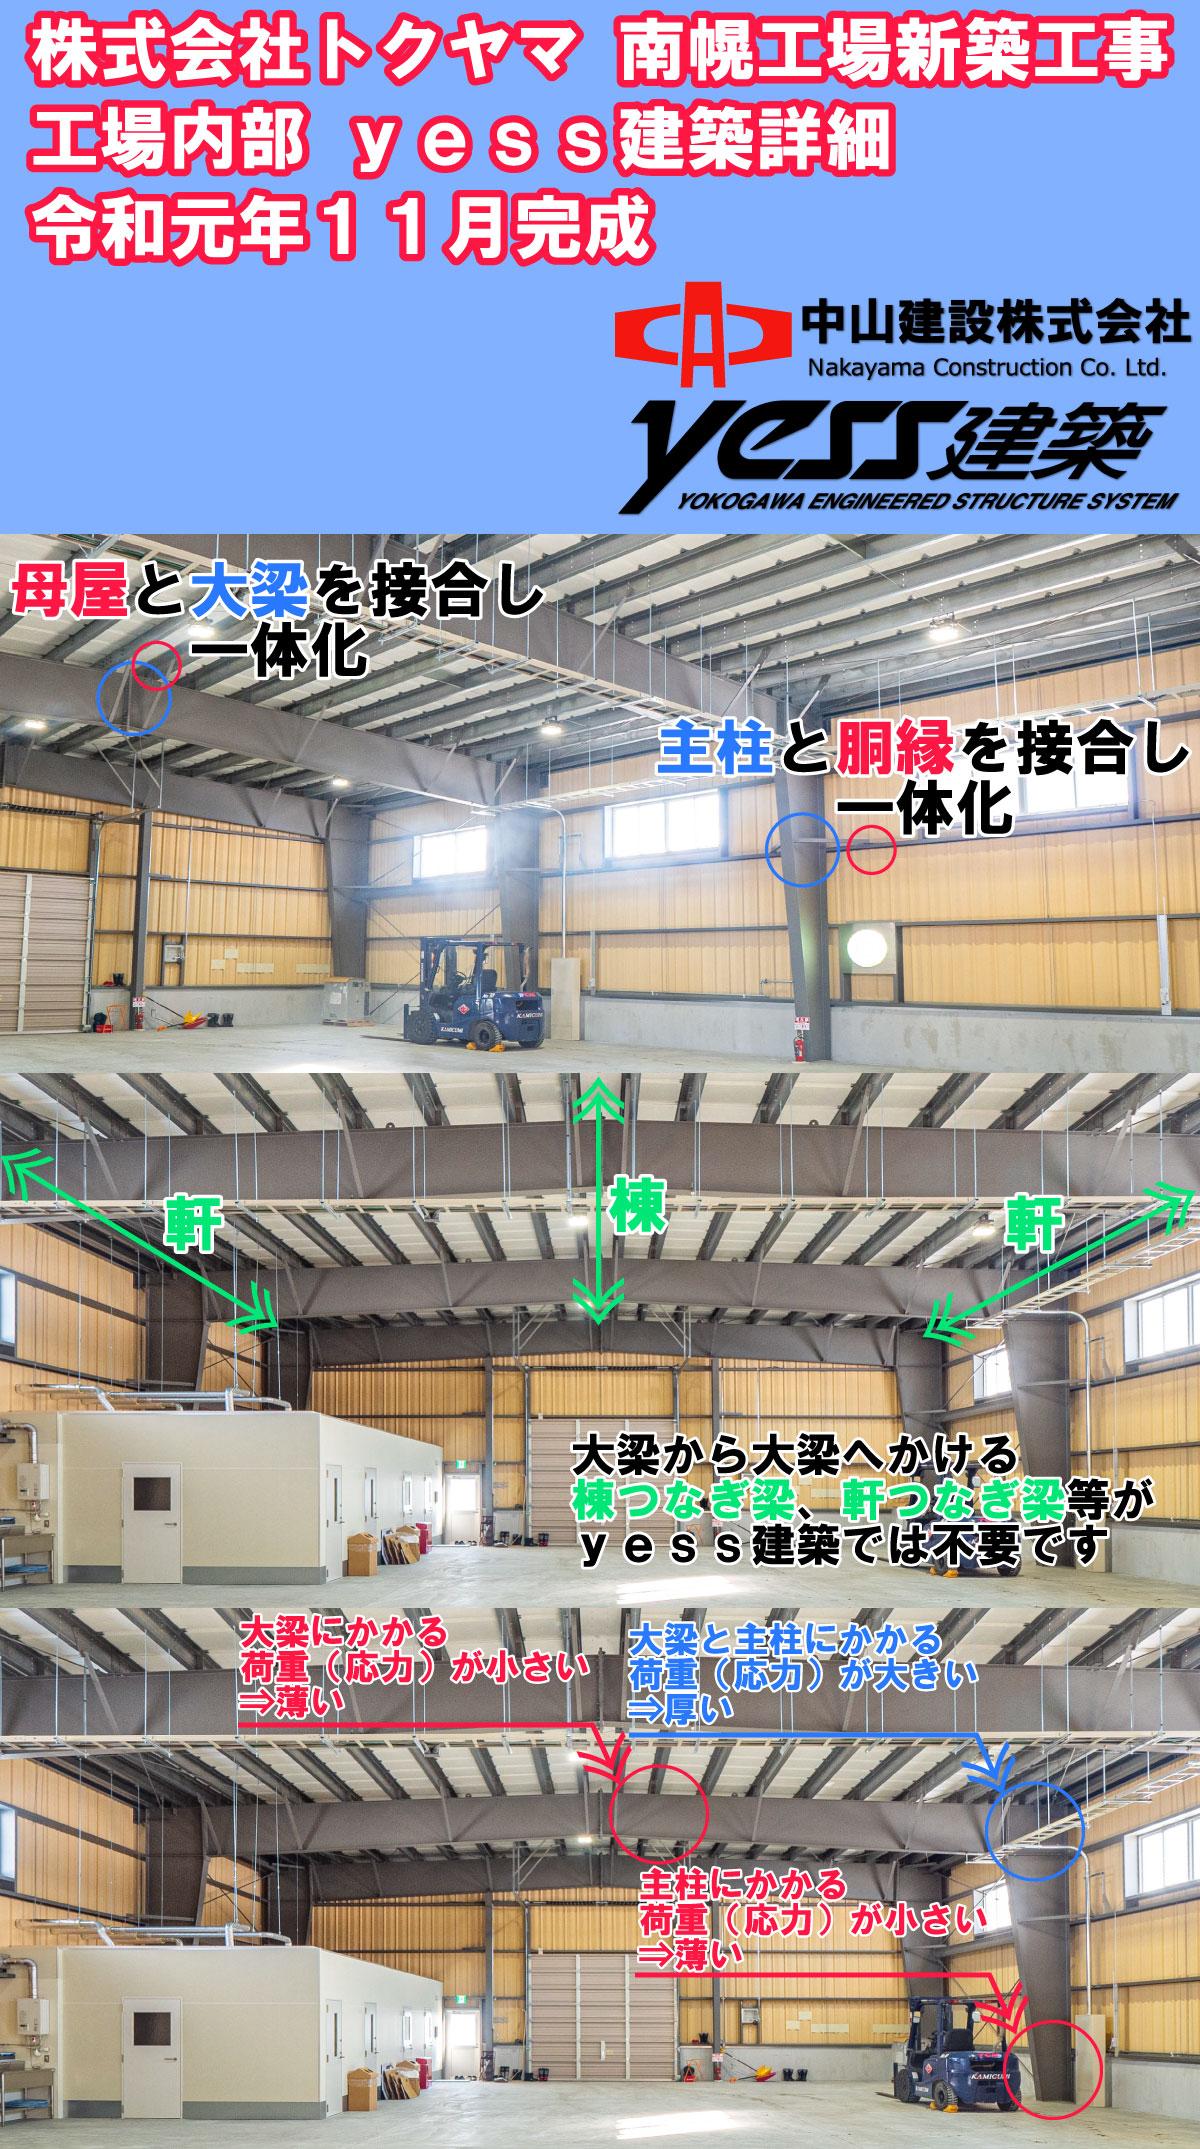 株式会社トクヤマ 南幌工場新築工事 工場内部 yess建築詳細画像